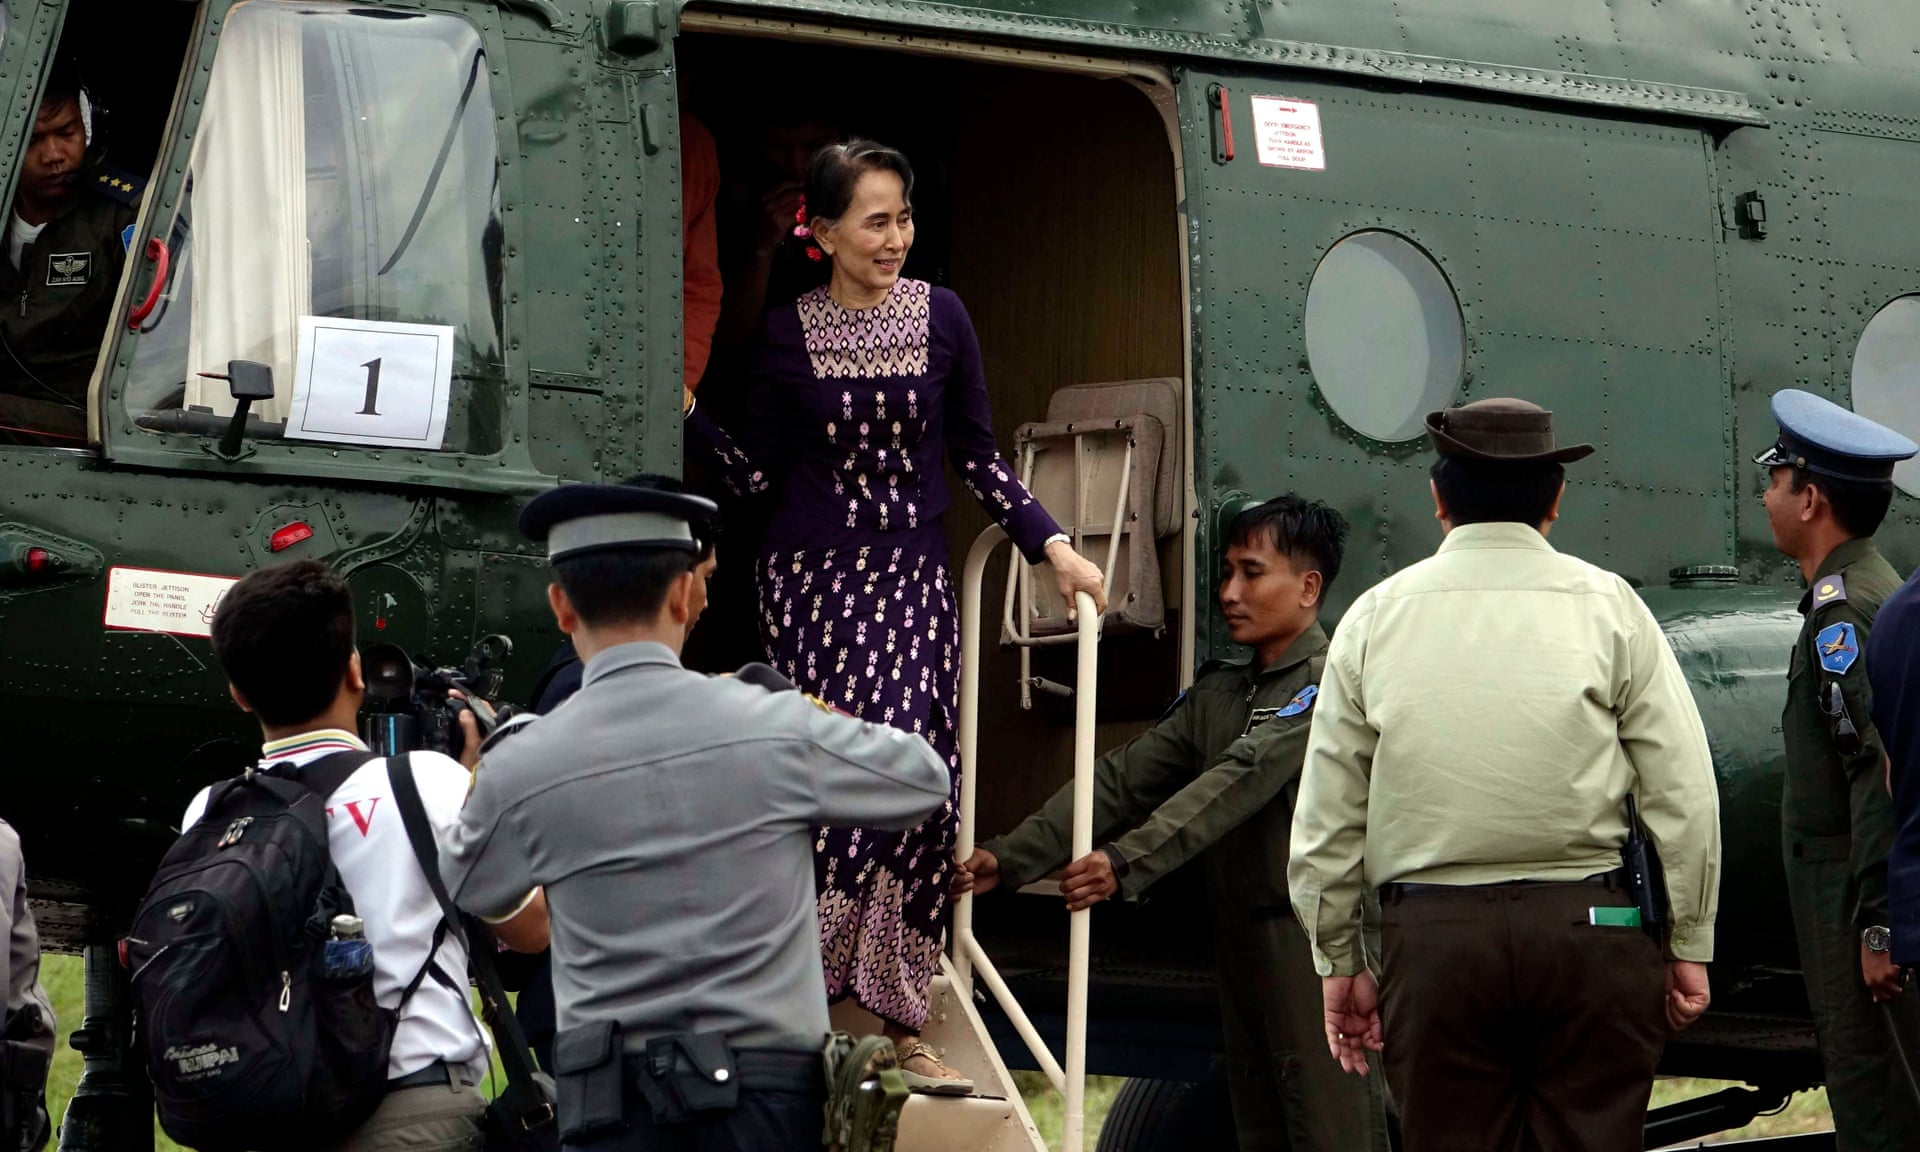 Aung San Suu Kyi arriva dalla città di Maungdaw all'aeroporto di Sittwe, nello Stato di Rakhine, durante la sua visita a sorpresa nella regione. Credits to: Nyunt Win/EPA.